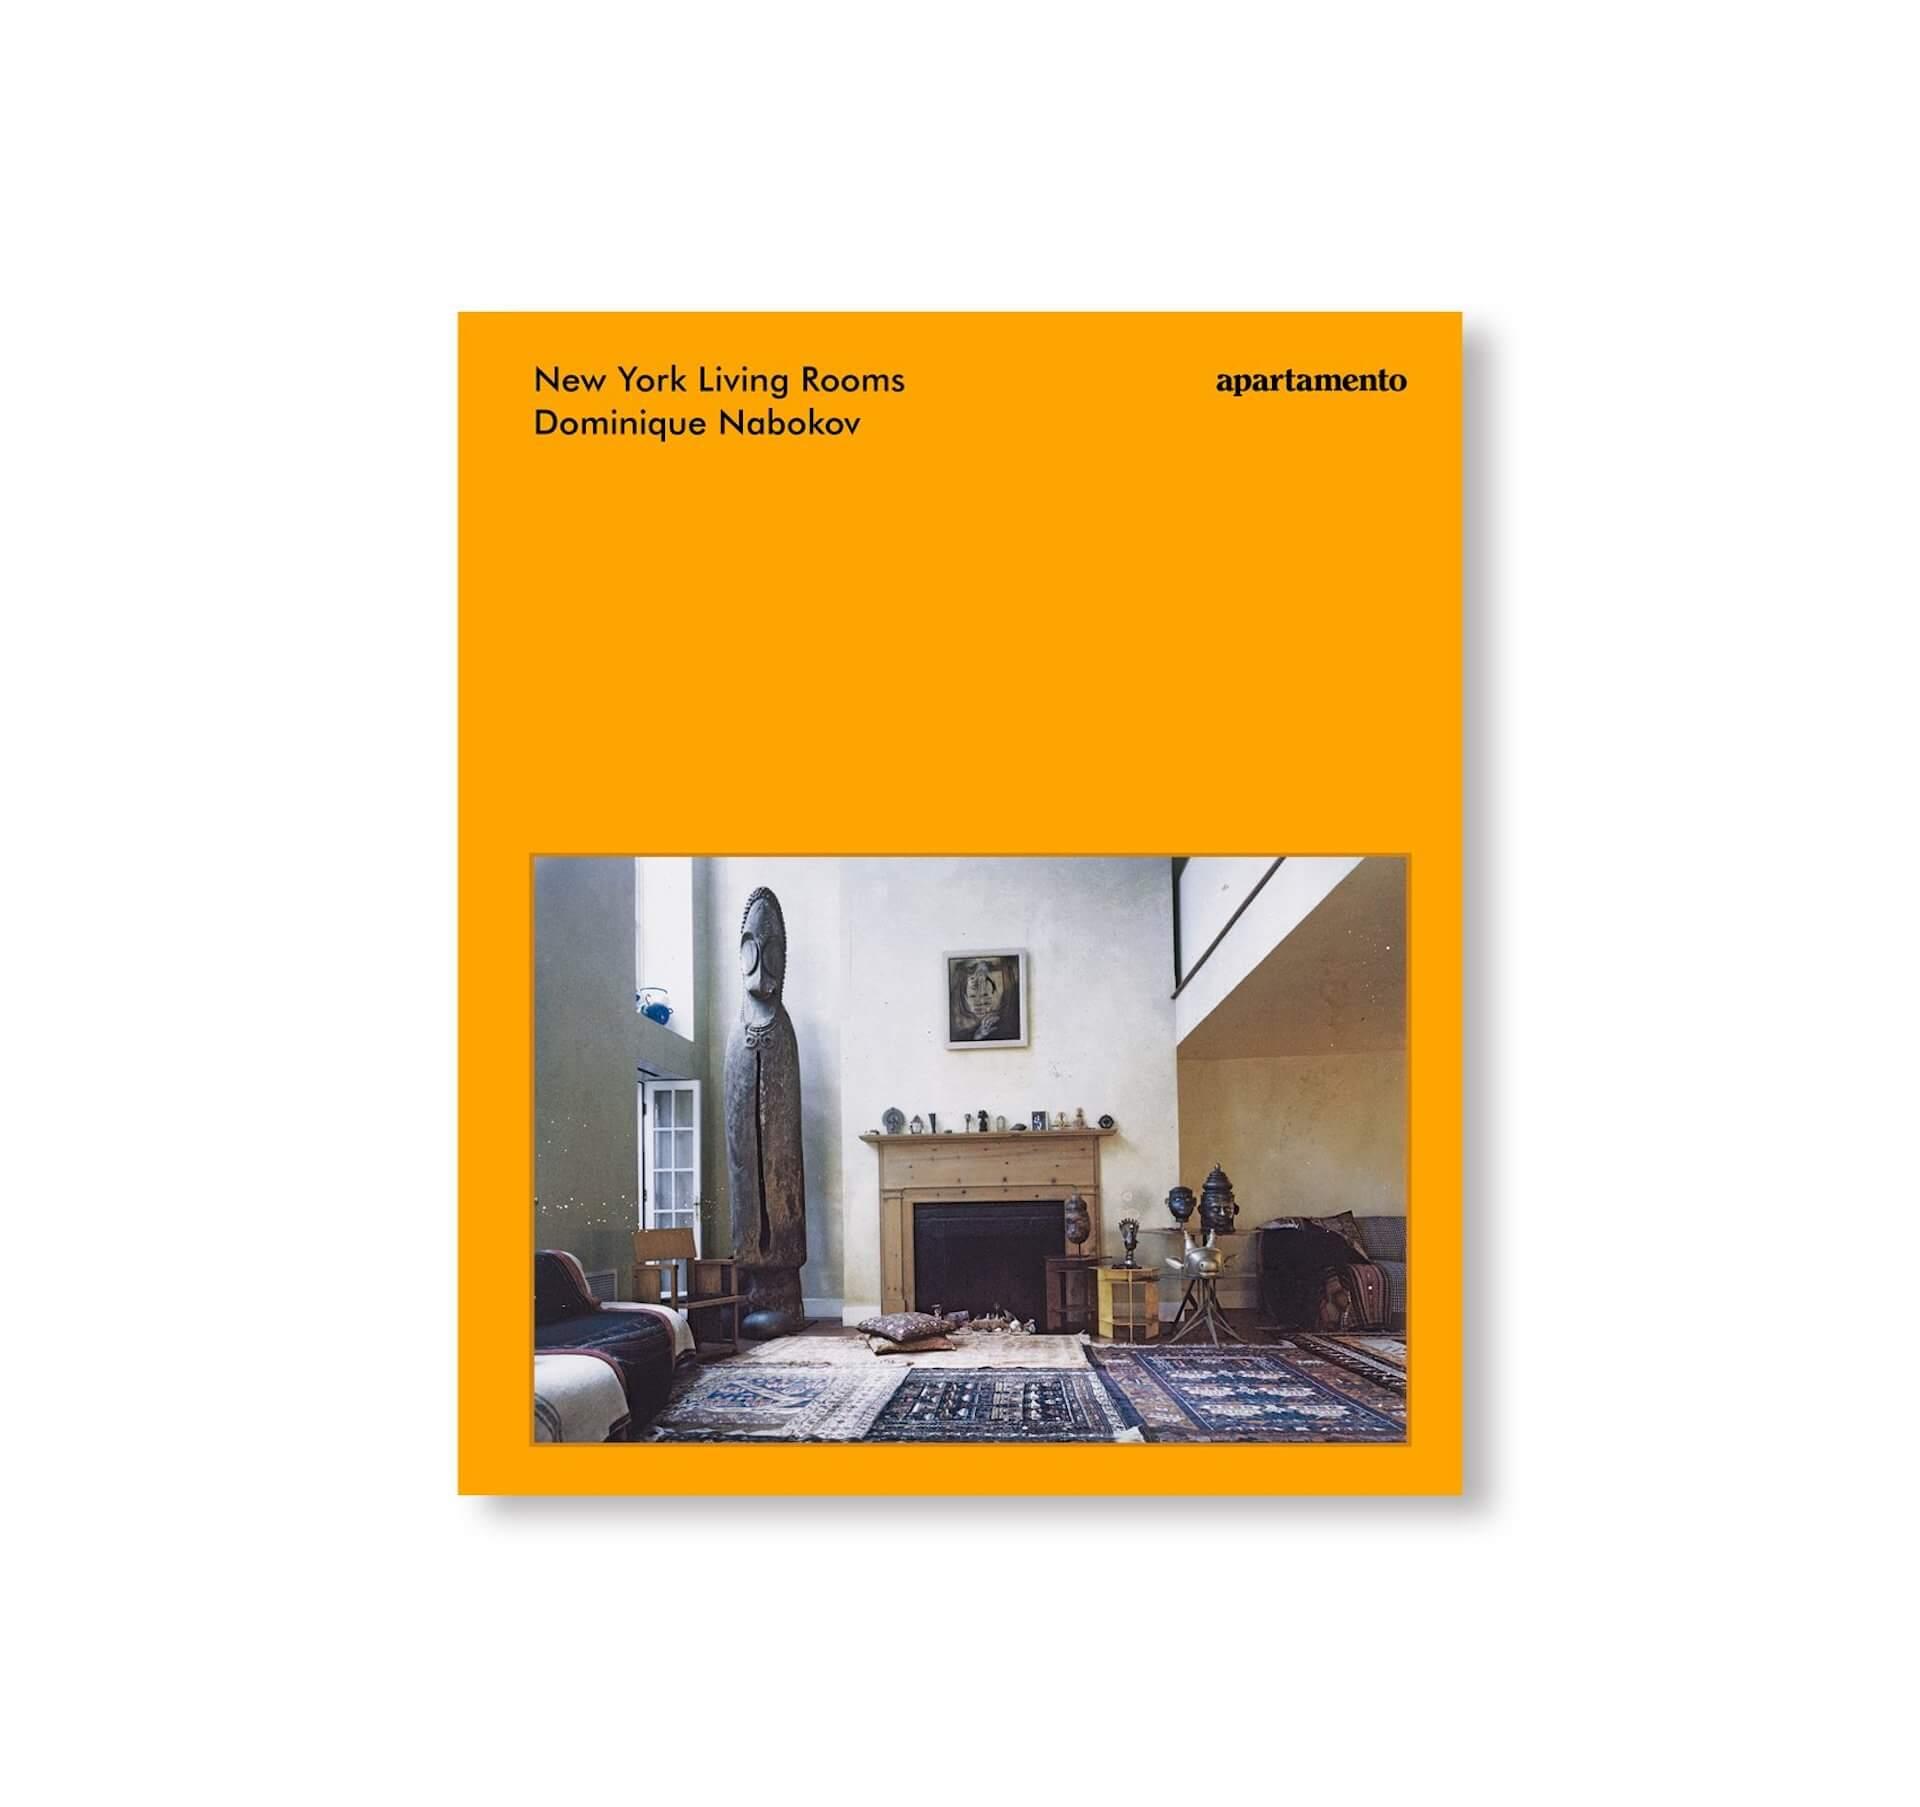 アートブックノススメ|Qetic編集部が選ぶ5冊/Roni Ahn 他 column210916_artbook-06